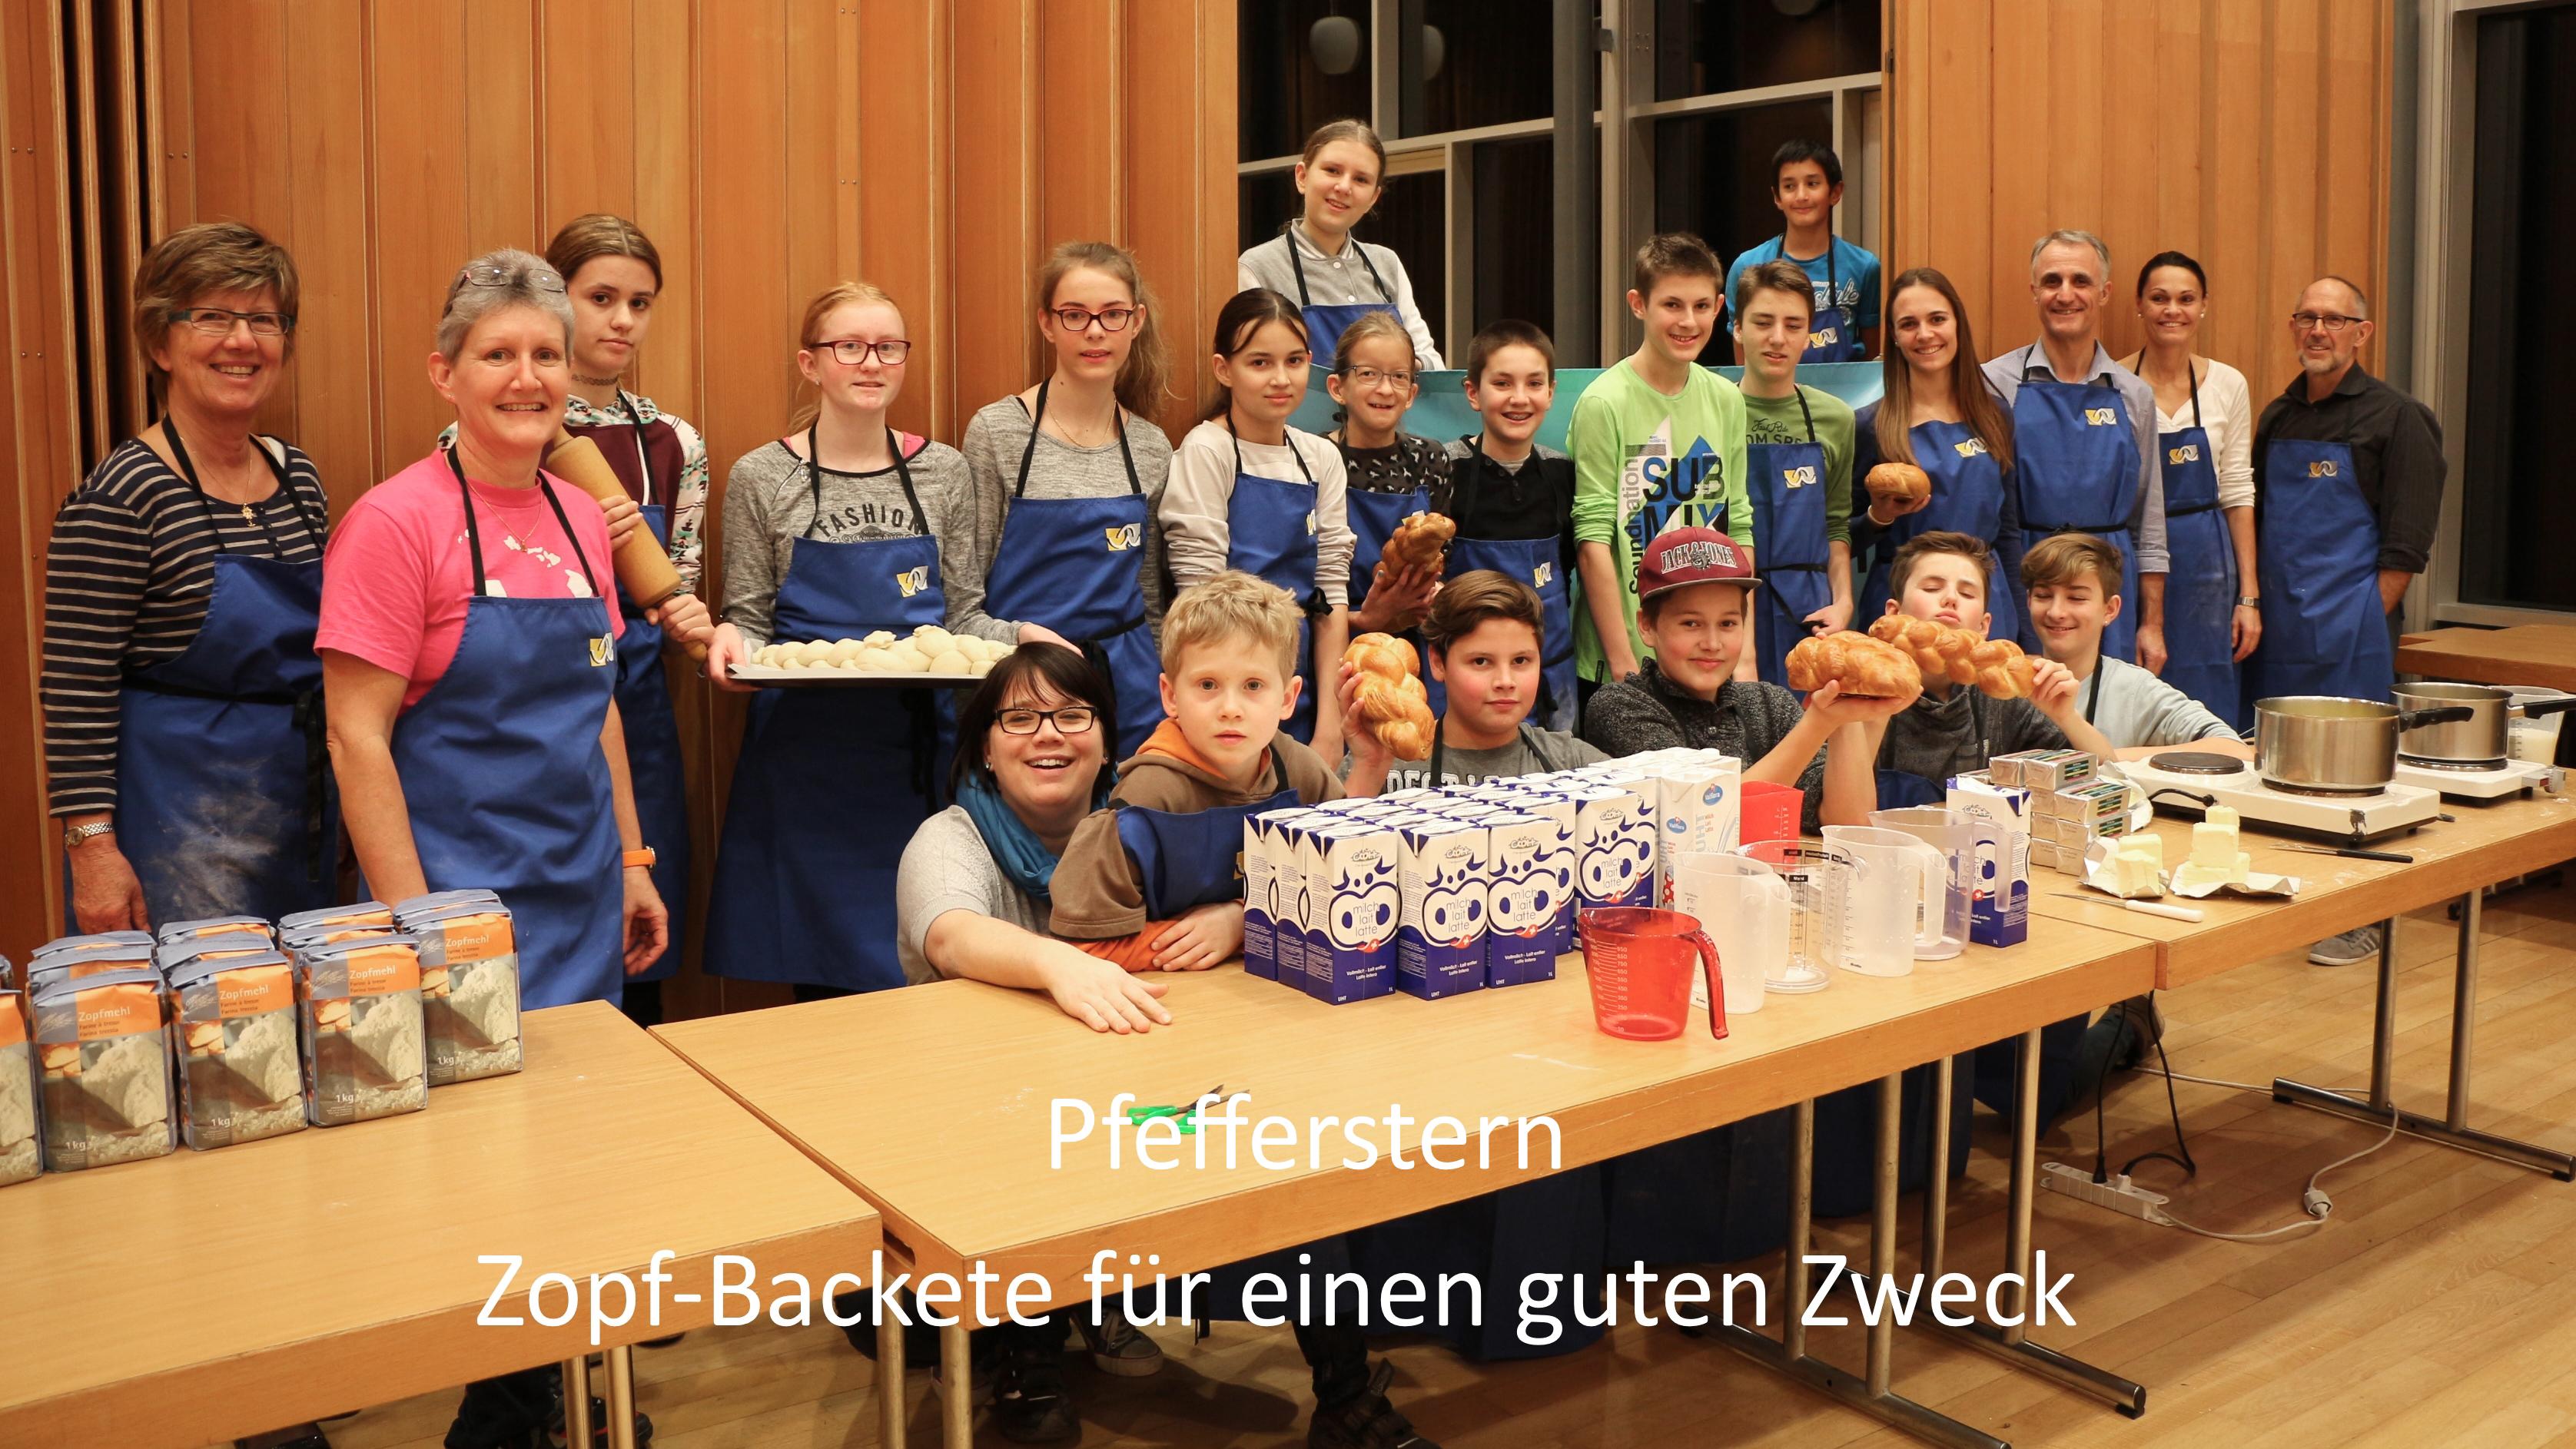 160110_zopfbacken_01.jpg